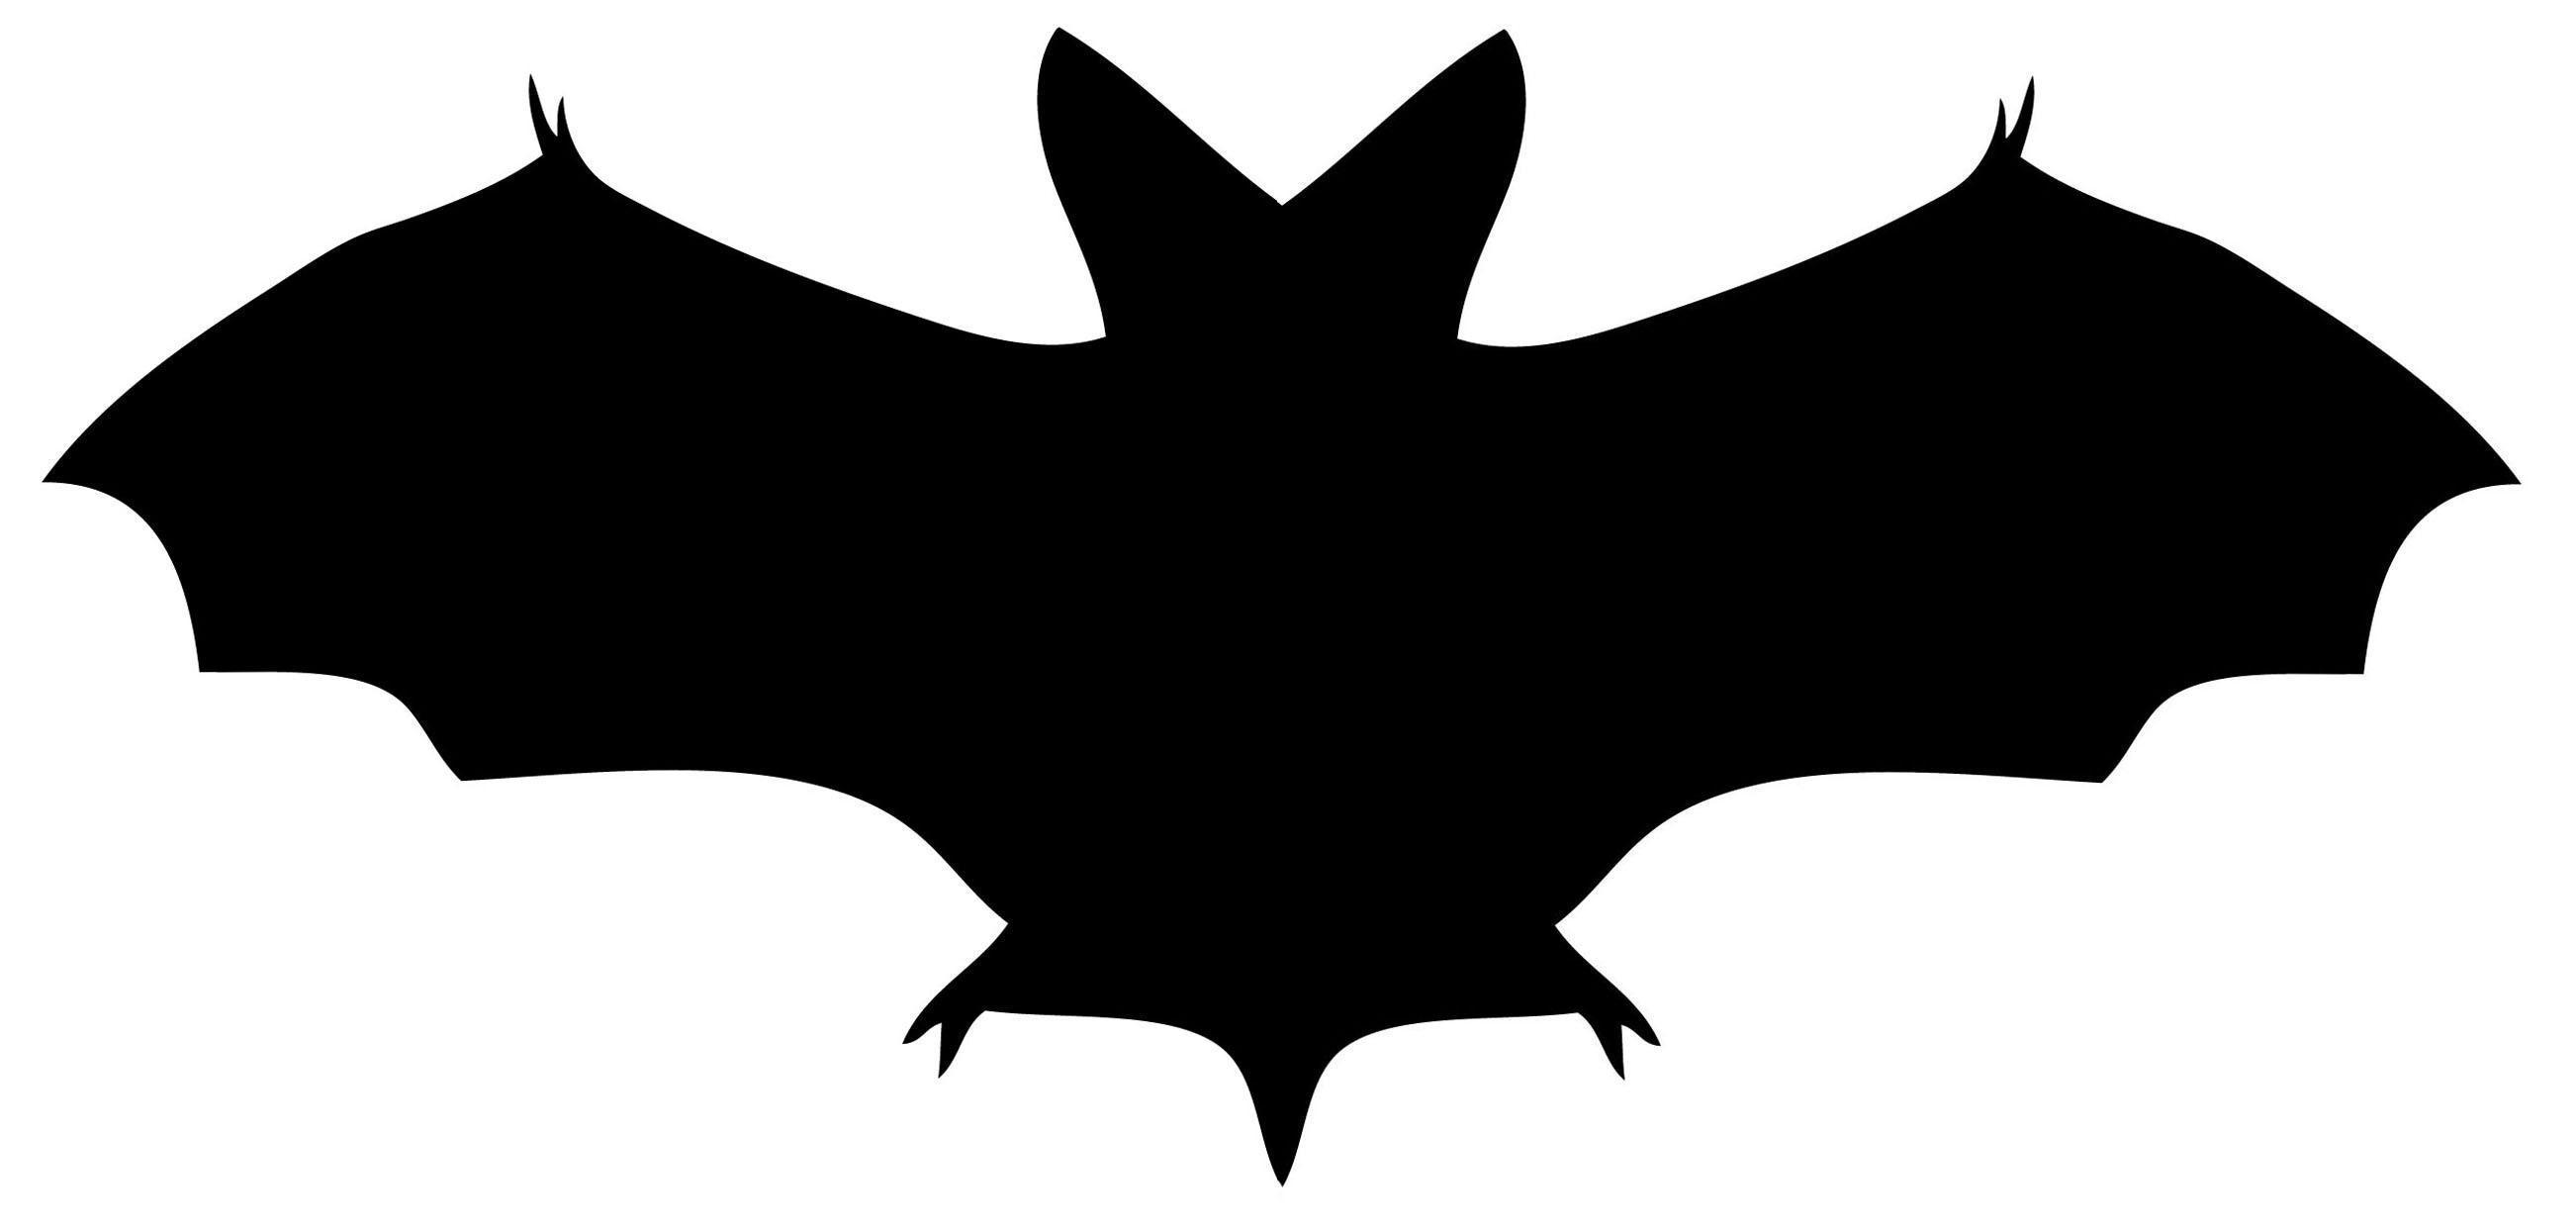 12 Bat Images